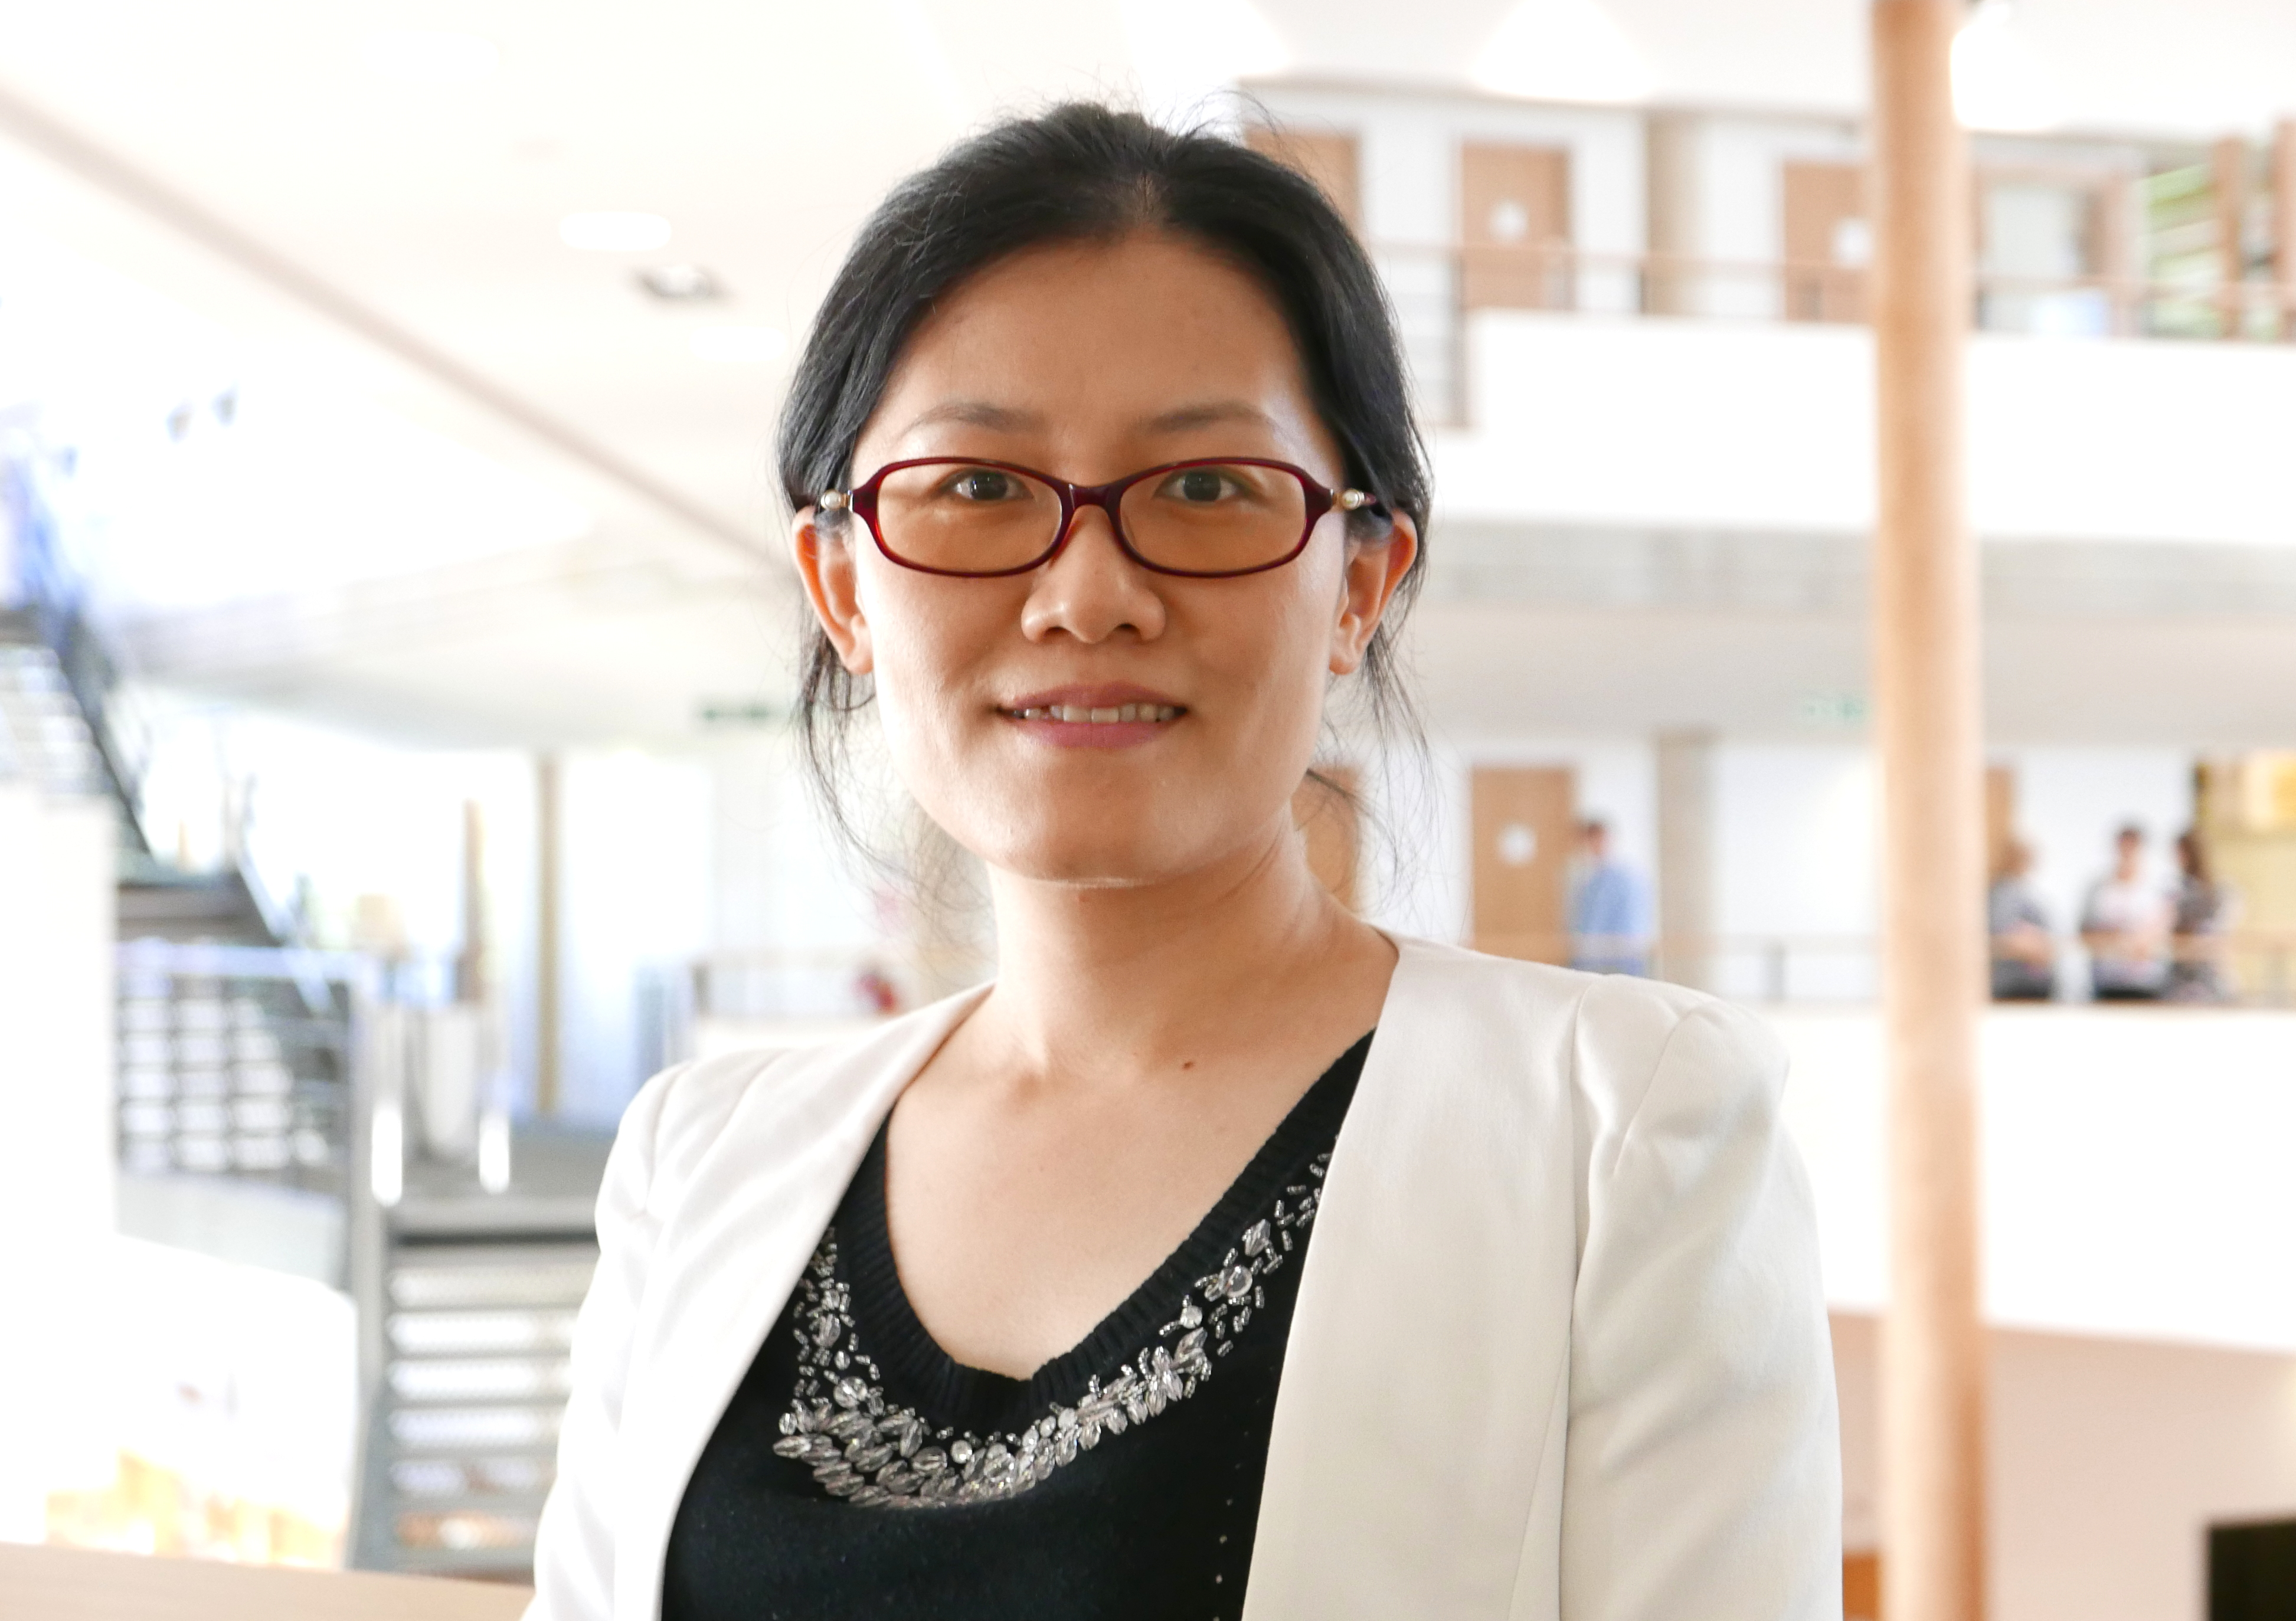 Dr Bing Zhu